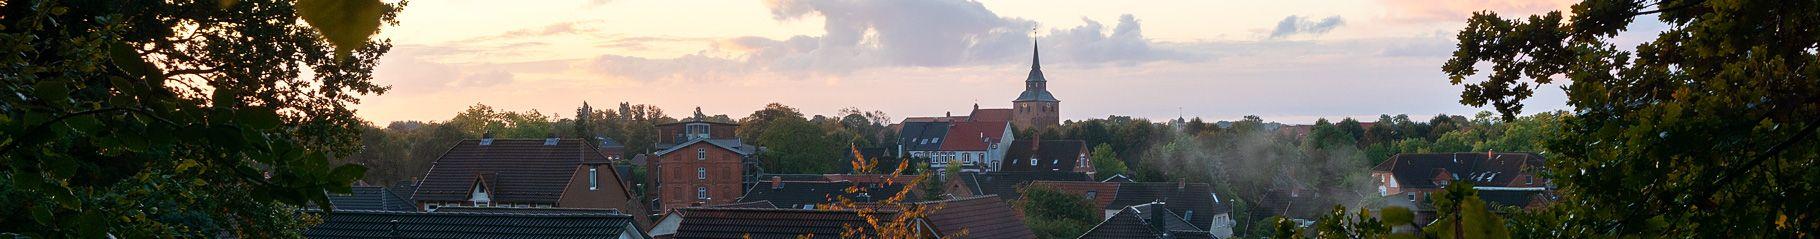 B! Blick auf die Altstadt bei Sonnenaufgang im Oktober.